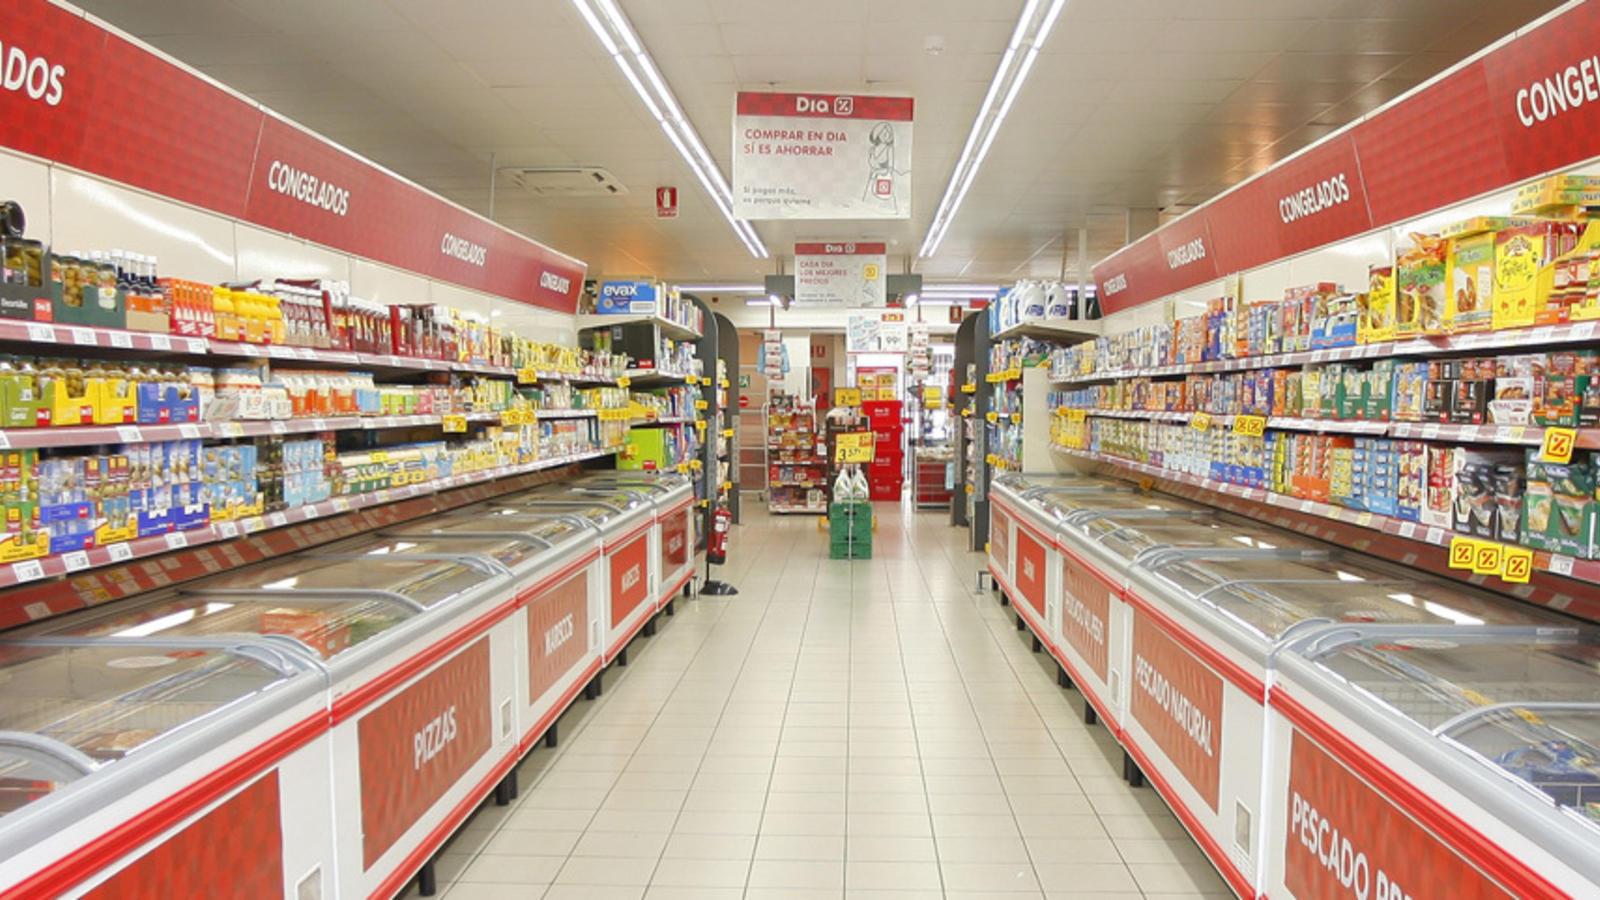 Supermercados DIA, S.L.